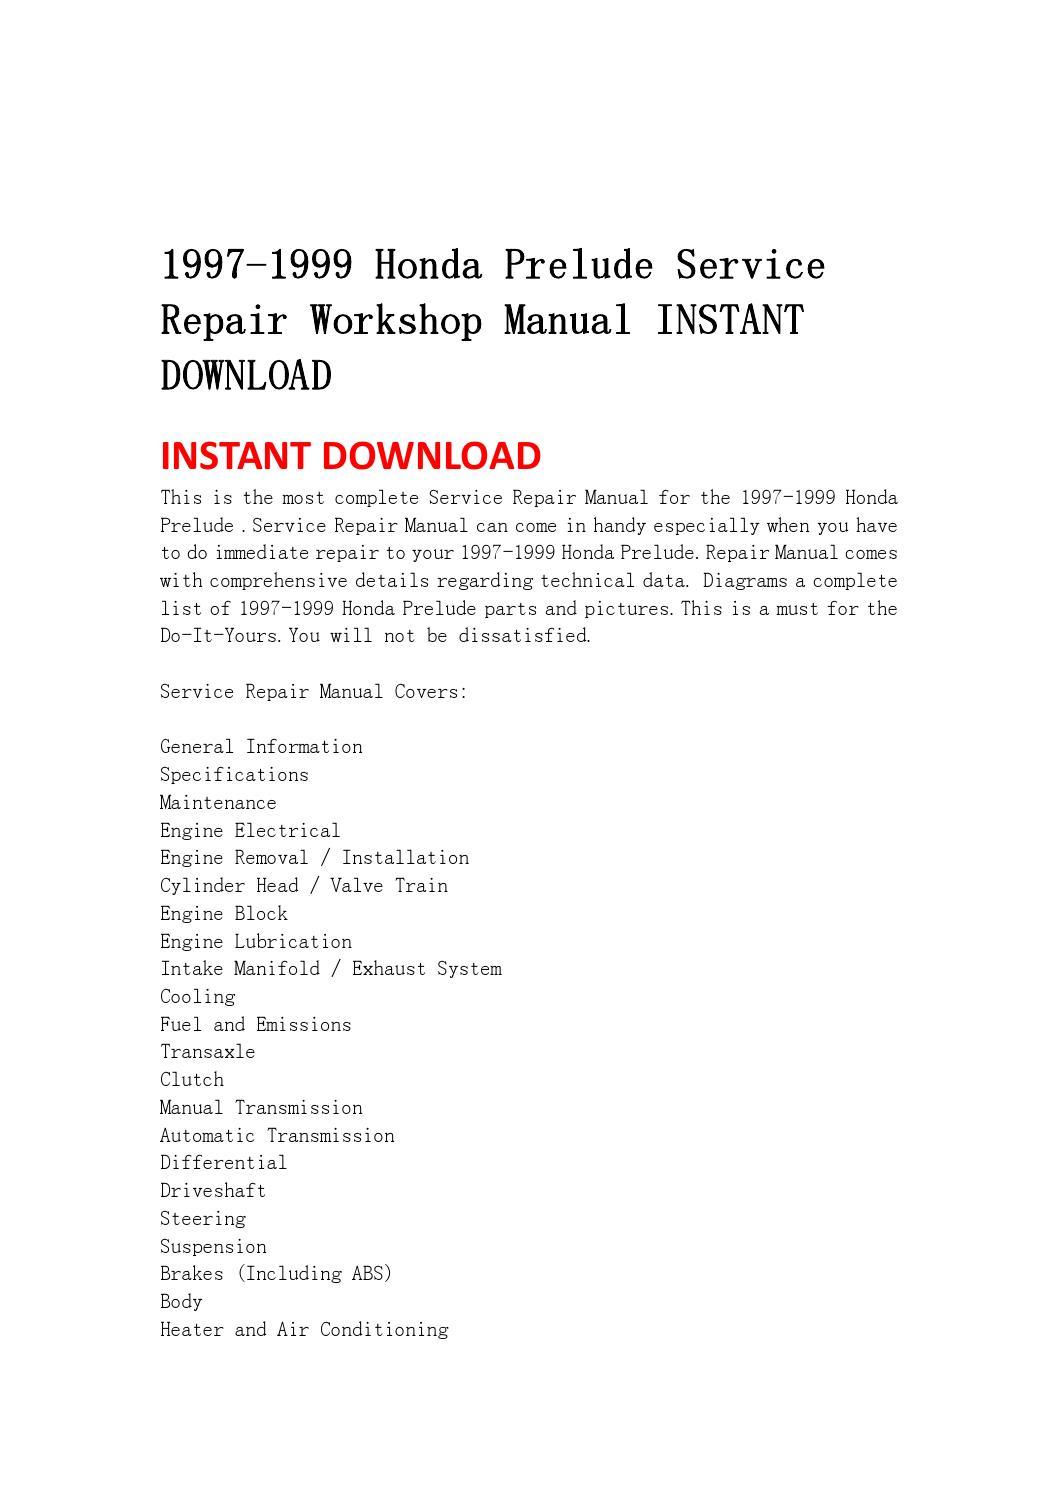 1997 1999 honda prelude service repair workshop manual ...